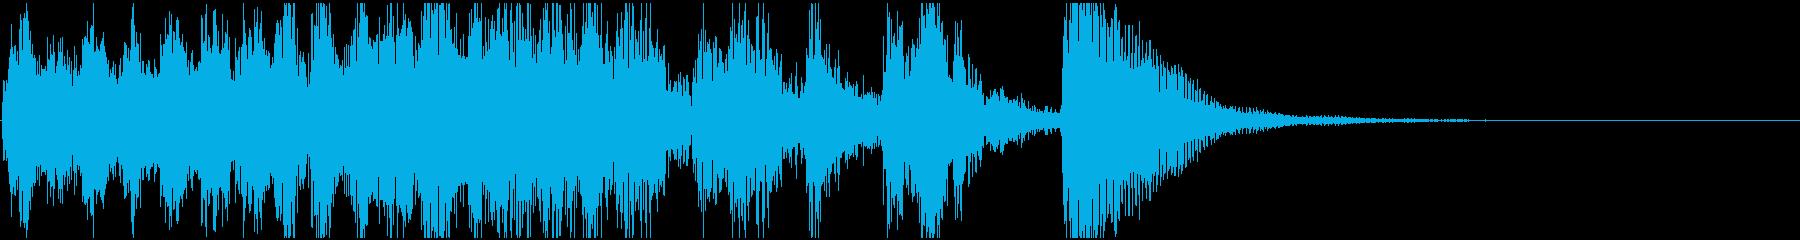 素早いピチカートの楽しげなジングル(1)の再生済みの波形